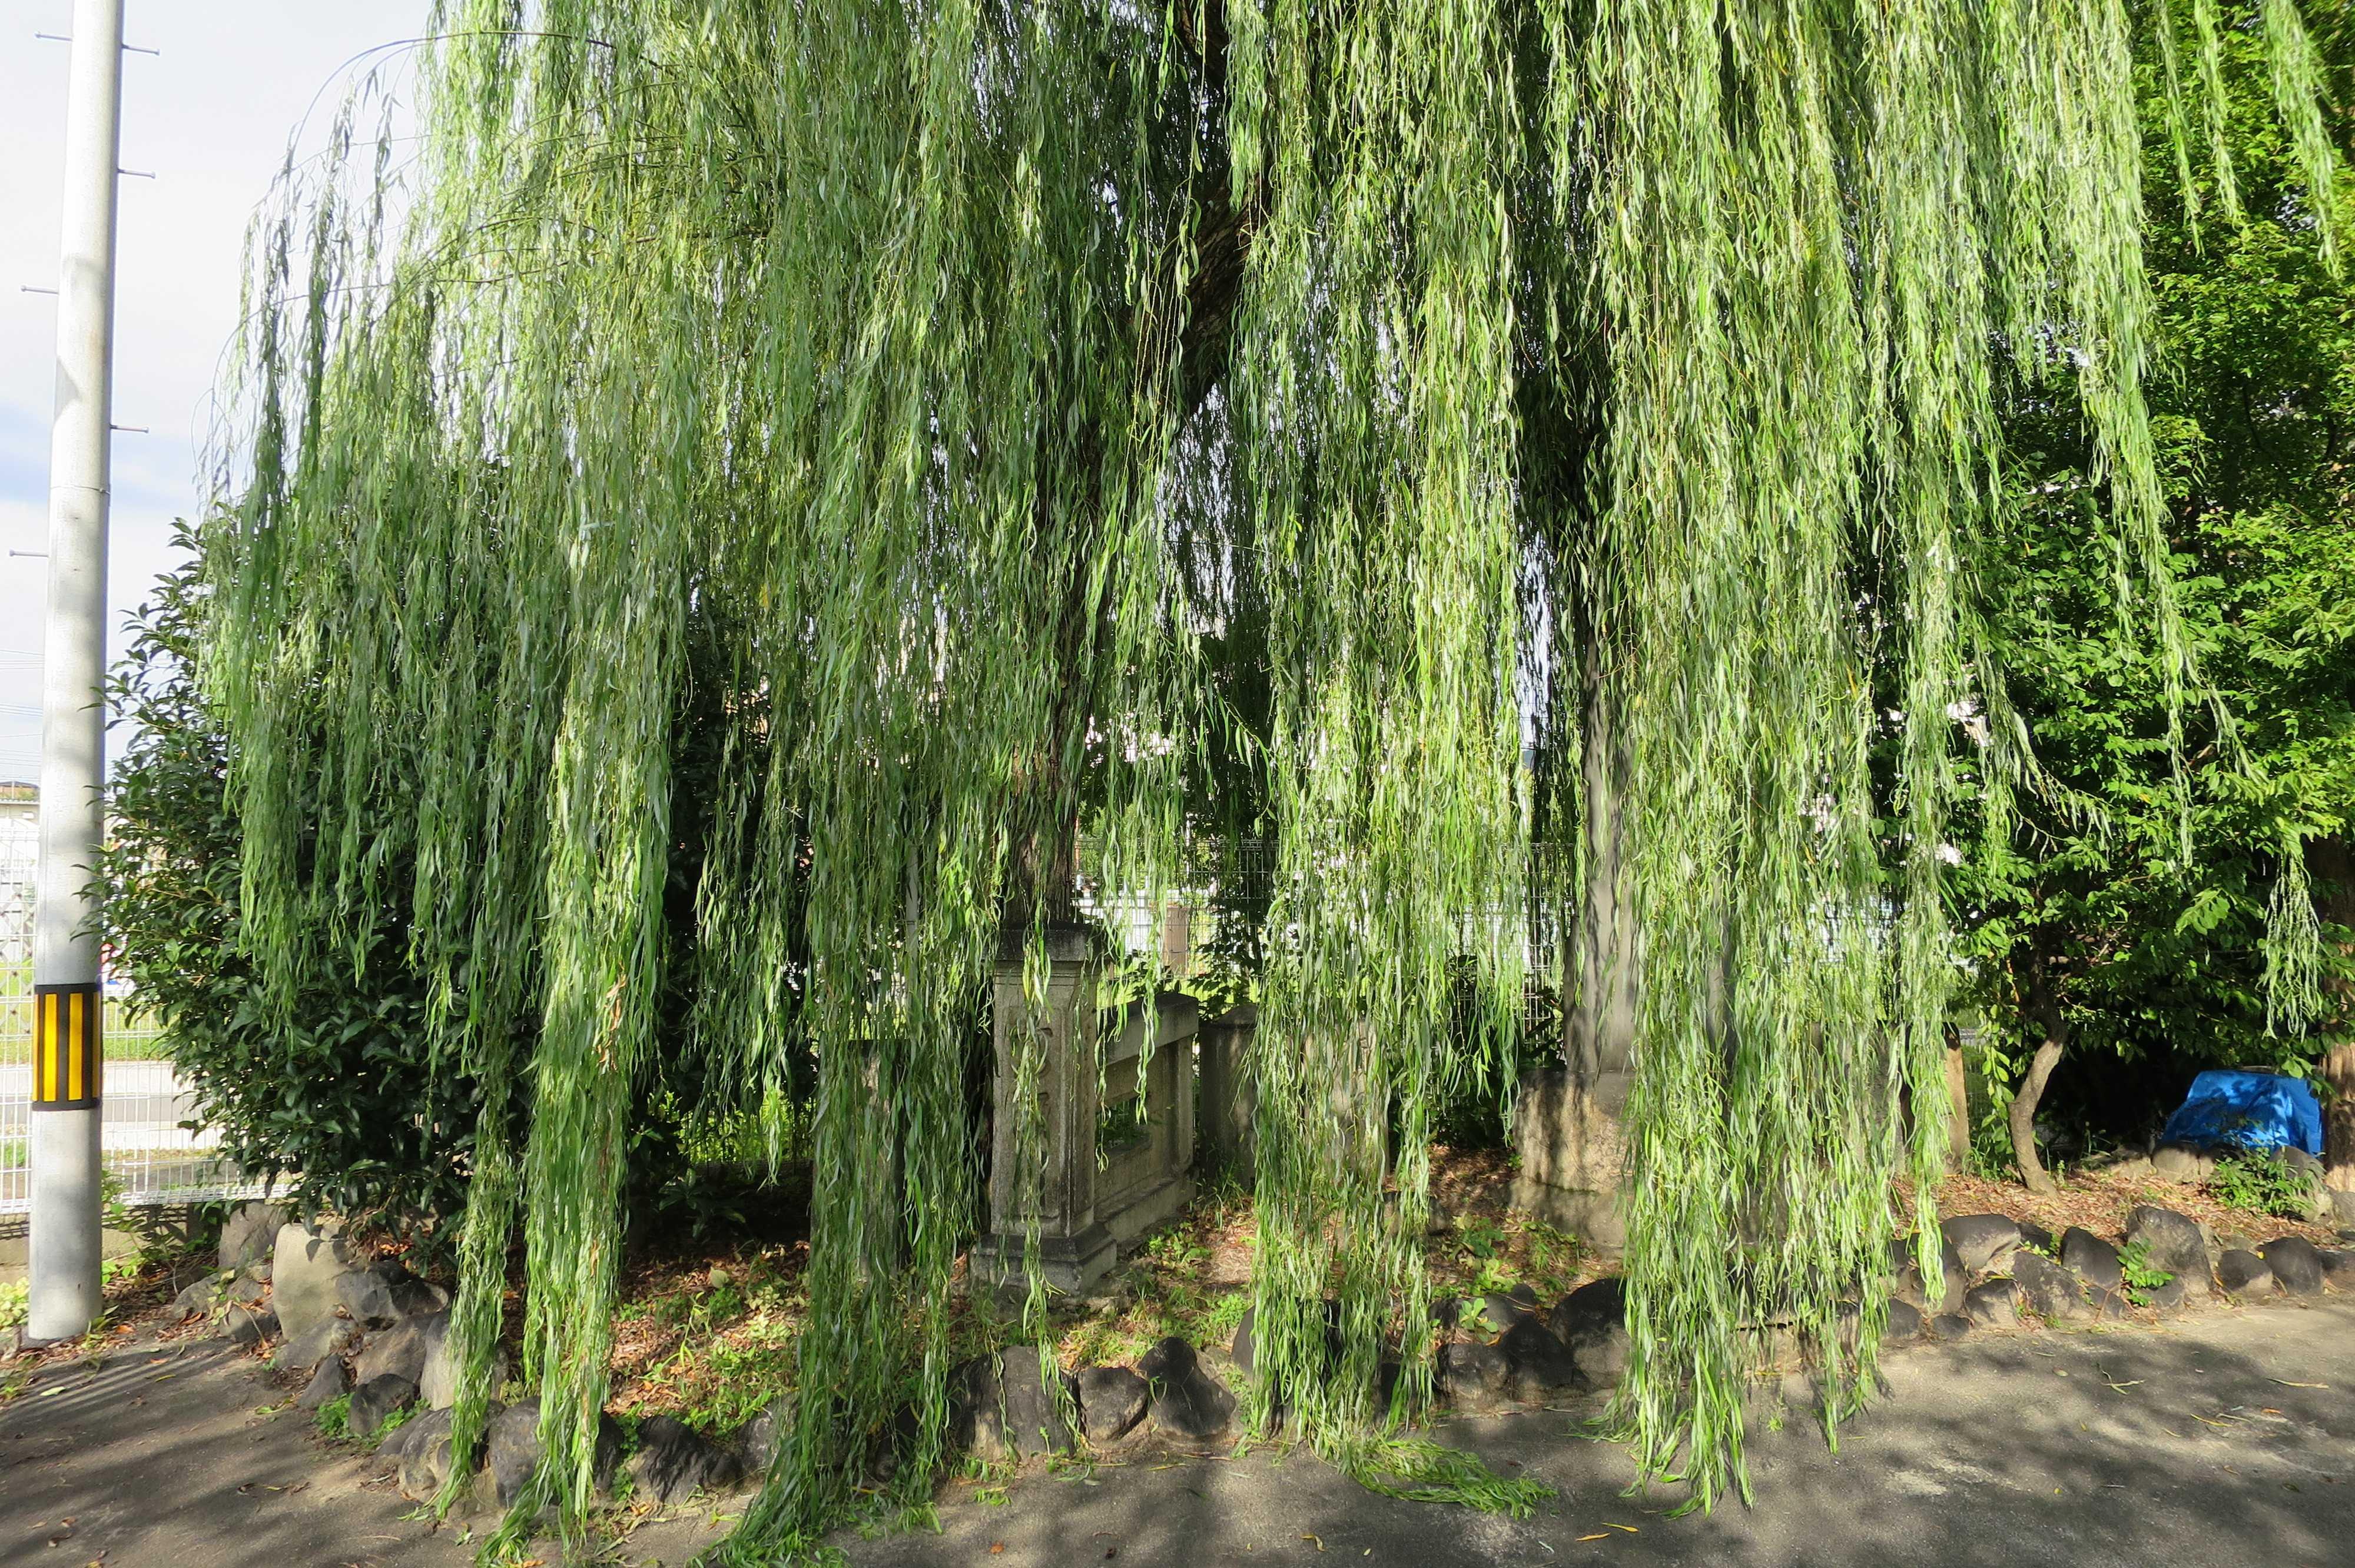 京都・崇仁地区 - 柳原銀行記念資料館の柳の木